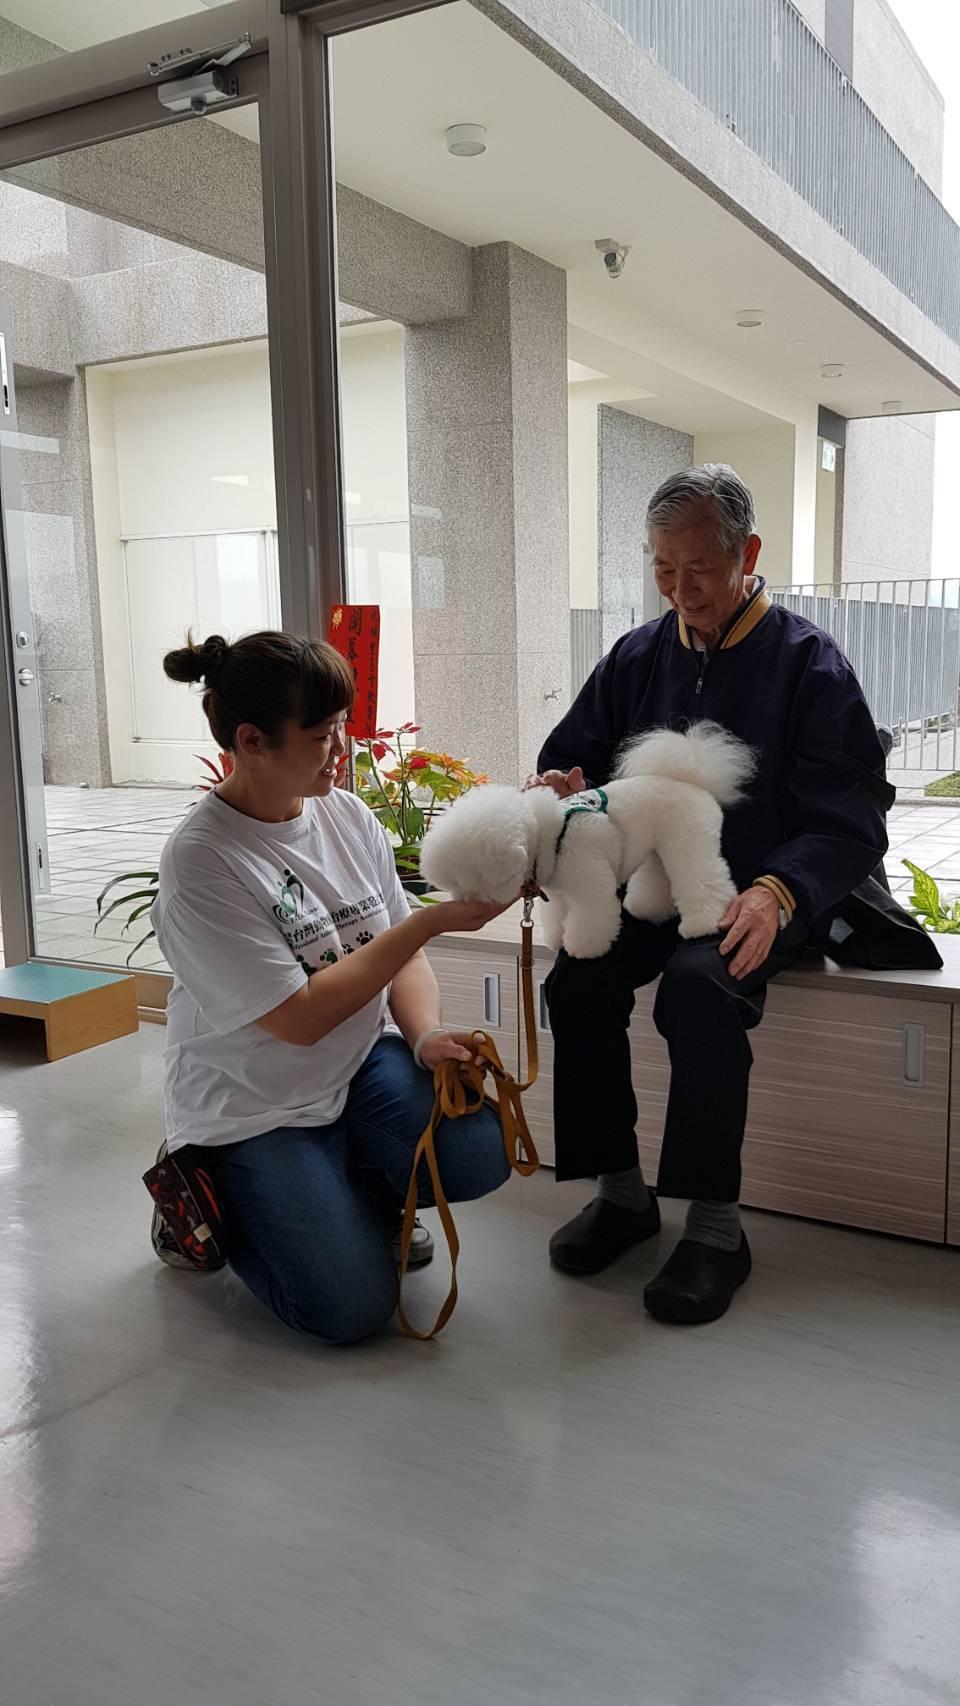 埔里基督教醫院今年開辦狗醫師志工訓練,培訓後可望定期進駐院區,補強當地長照需求。...